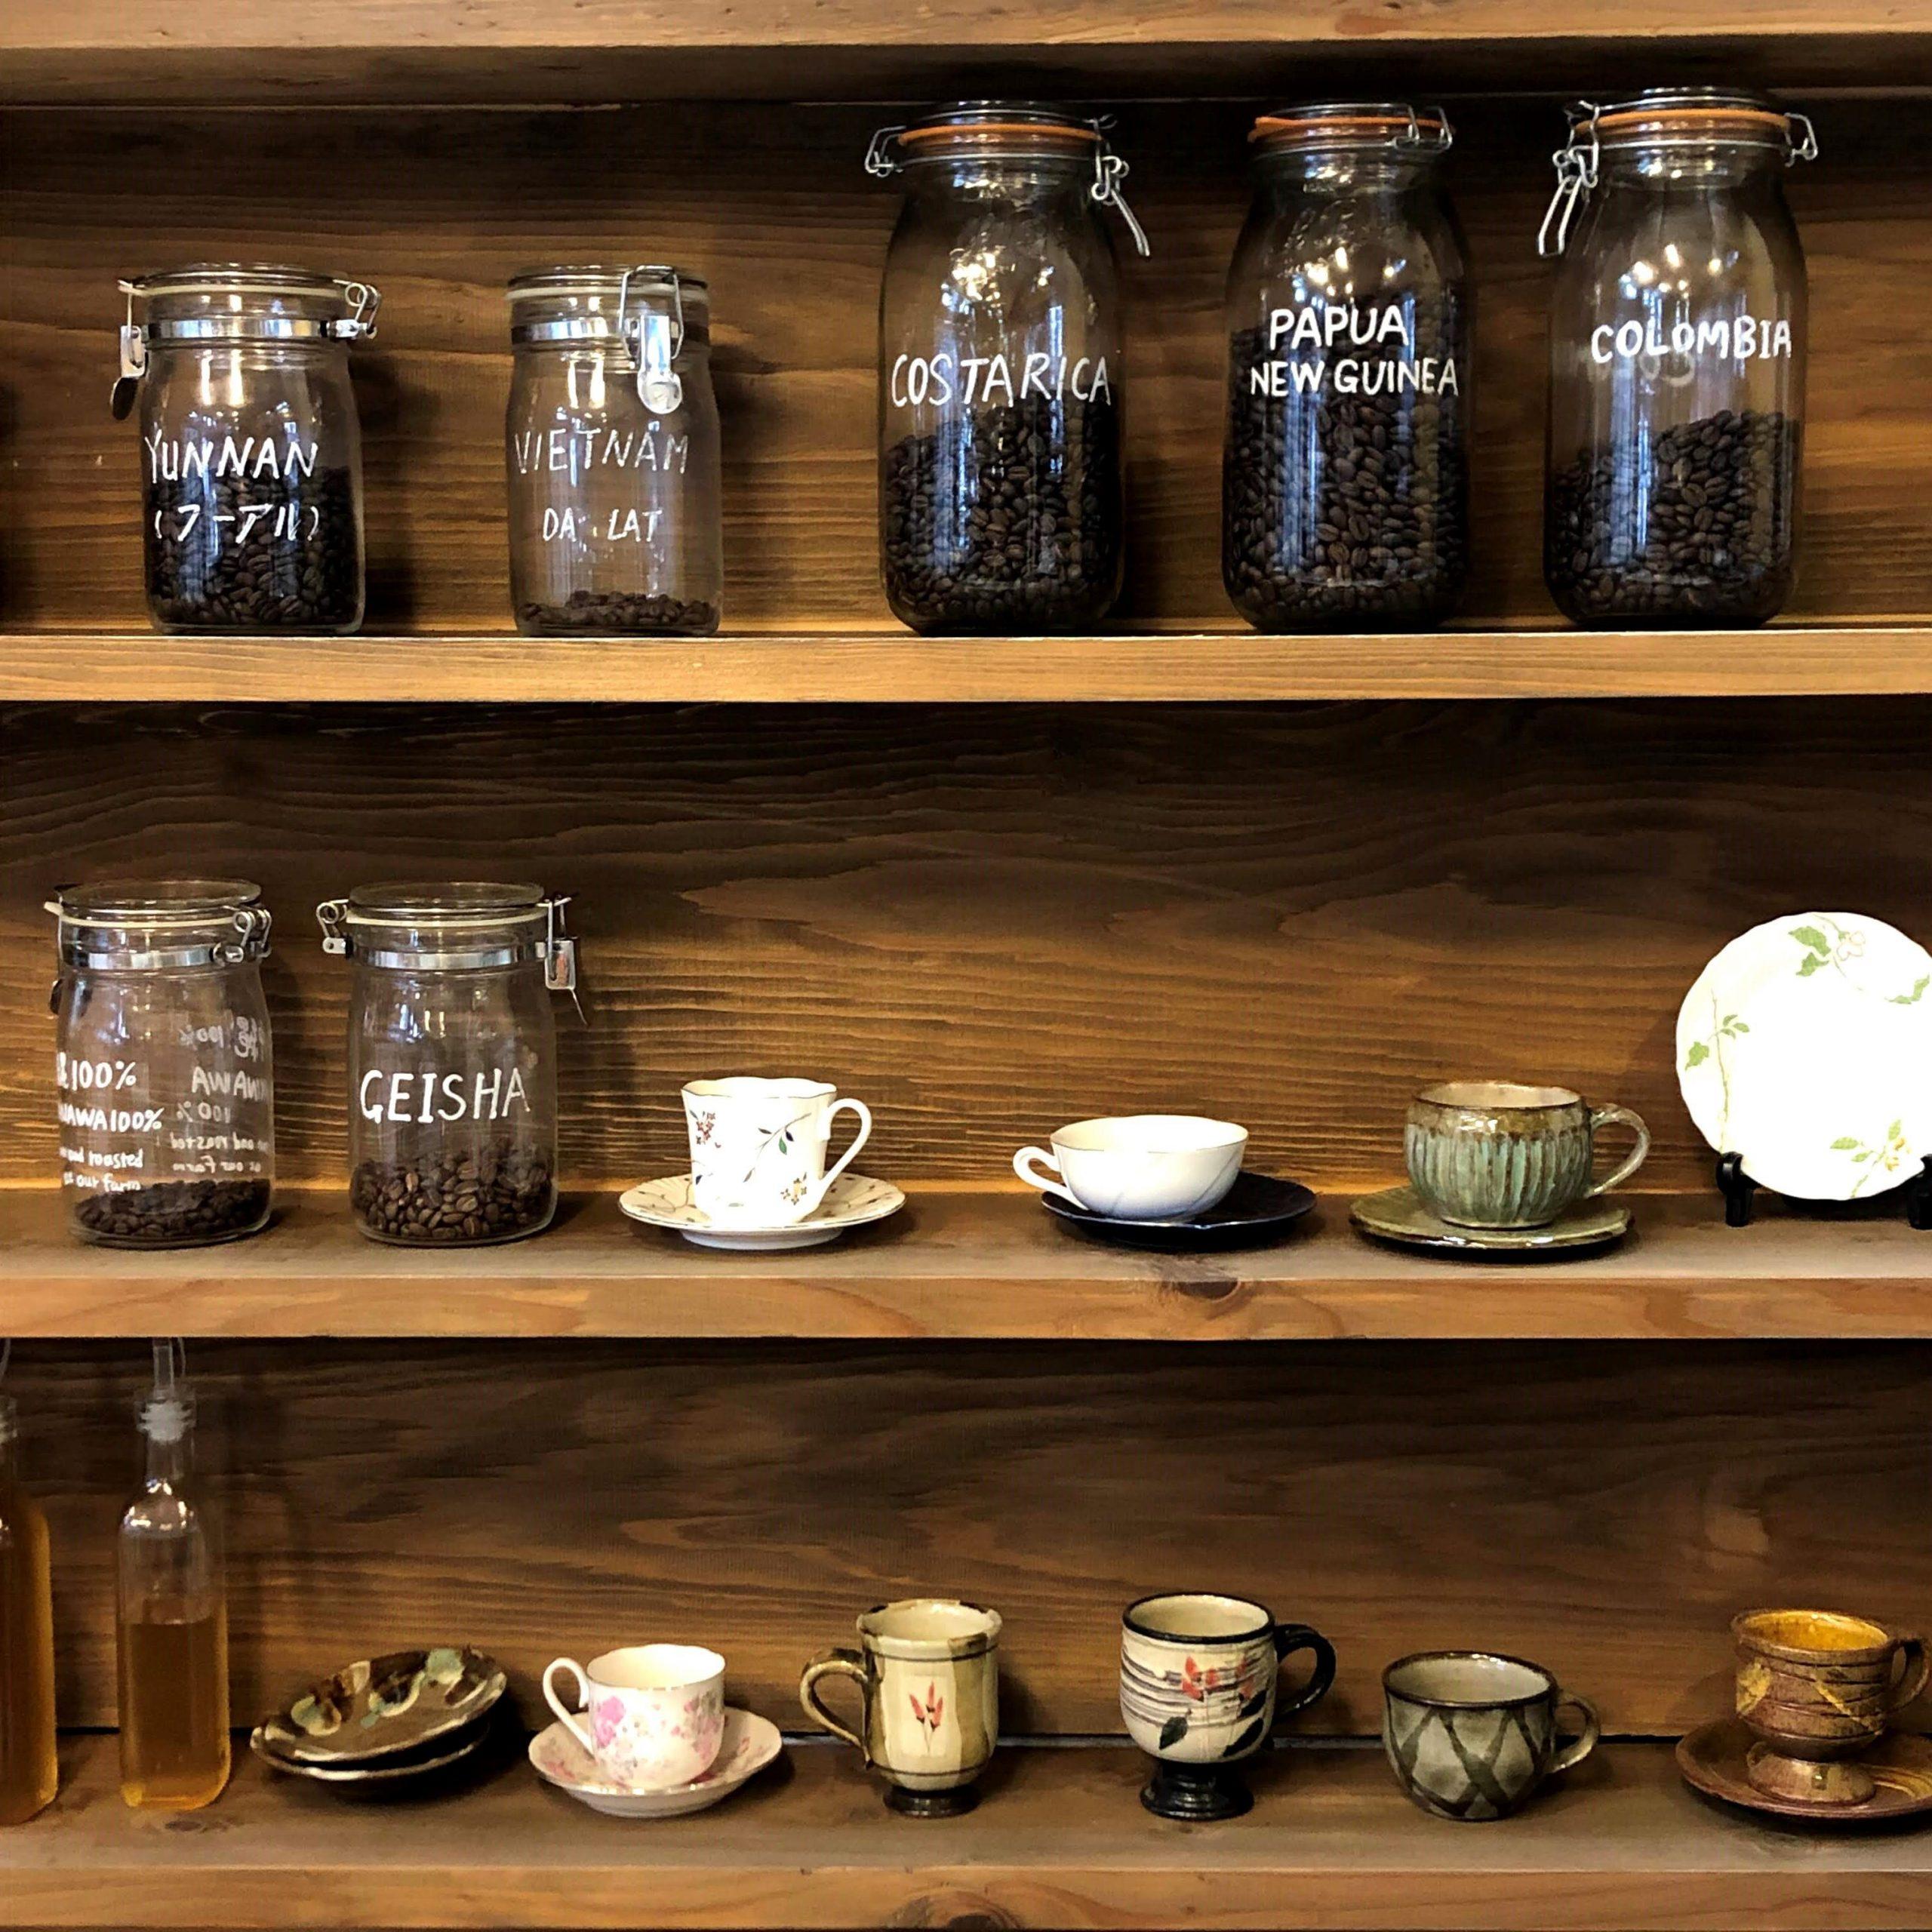 又吉コーヒー園のコーヒー豆とコーヒー・カップ